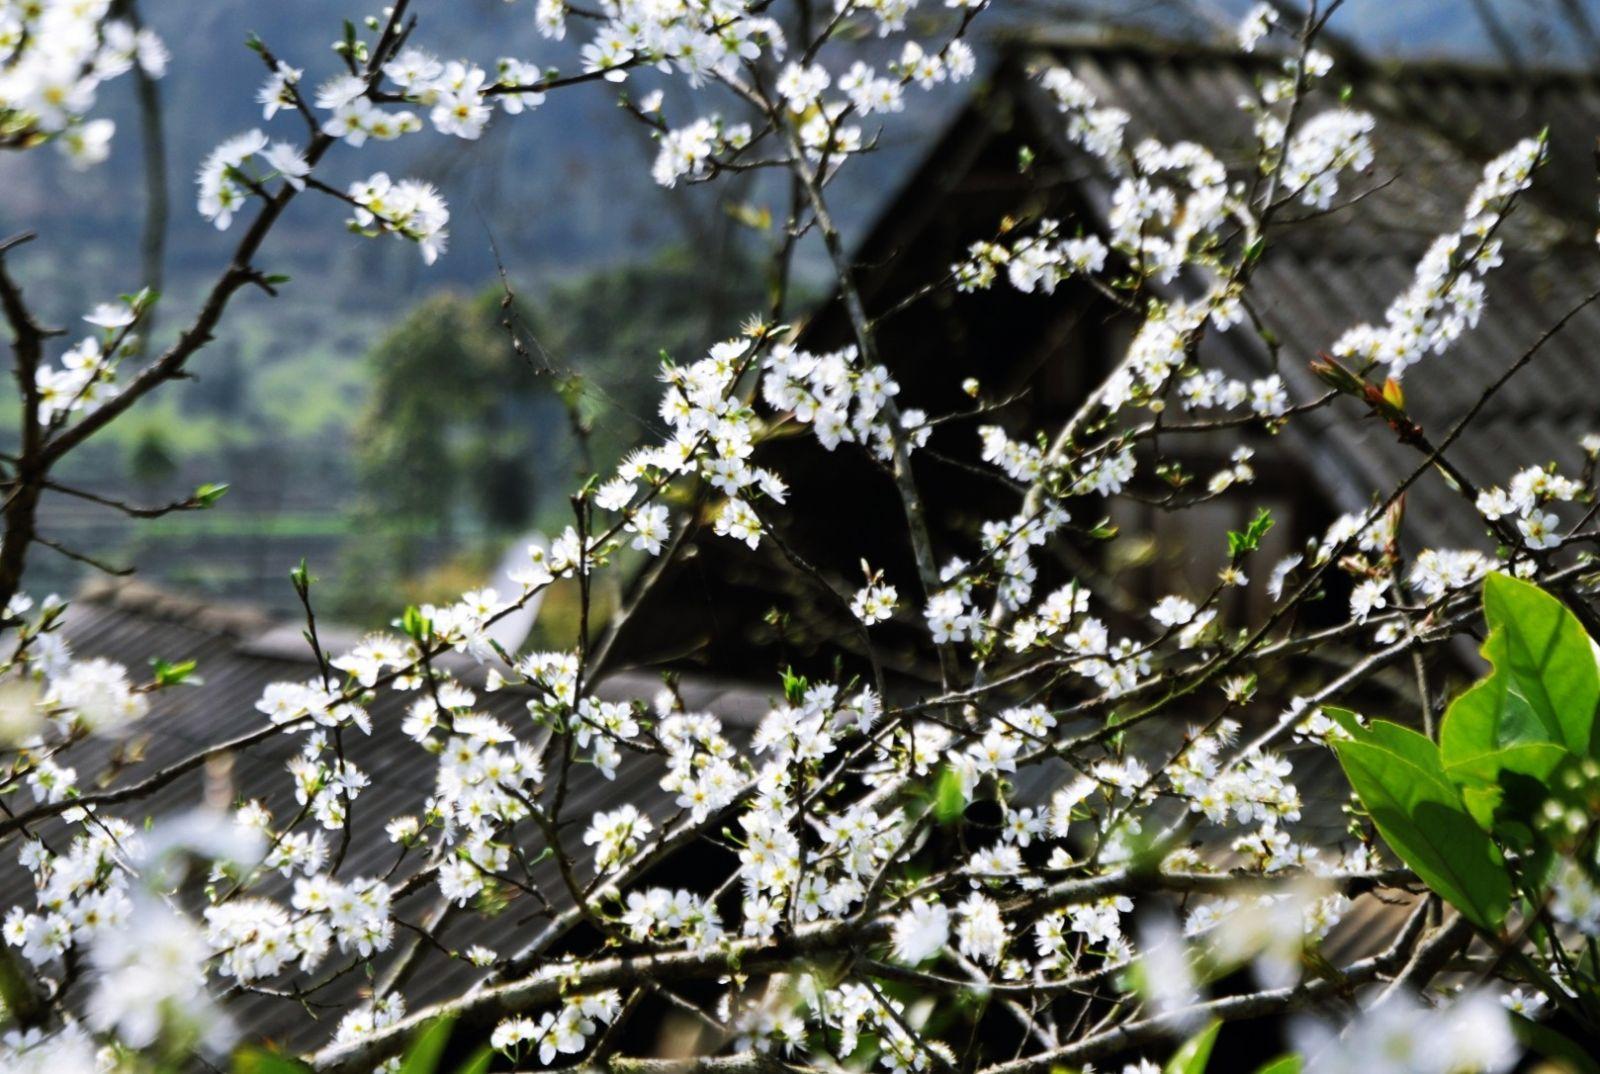 Những bông hoa ban trắng mướt, tinh khôi trong sương sớm